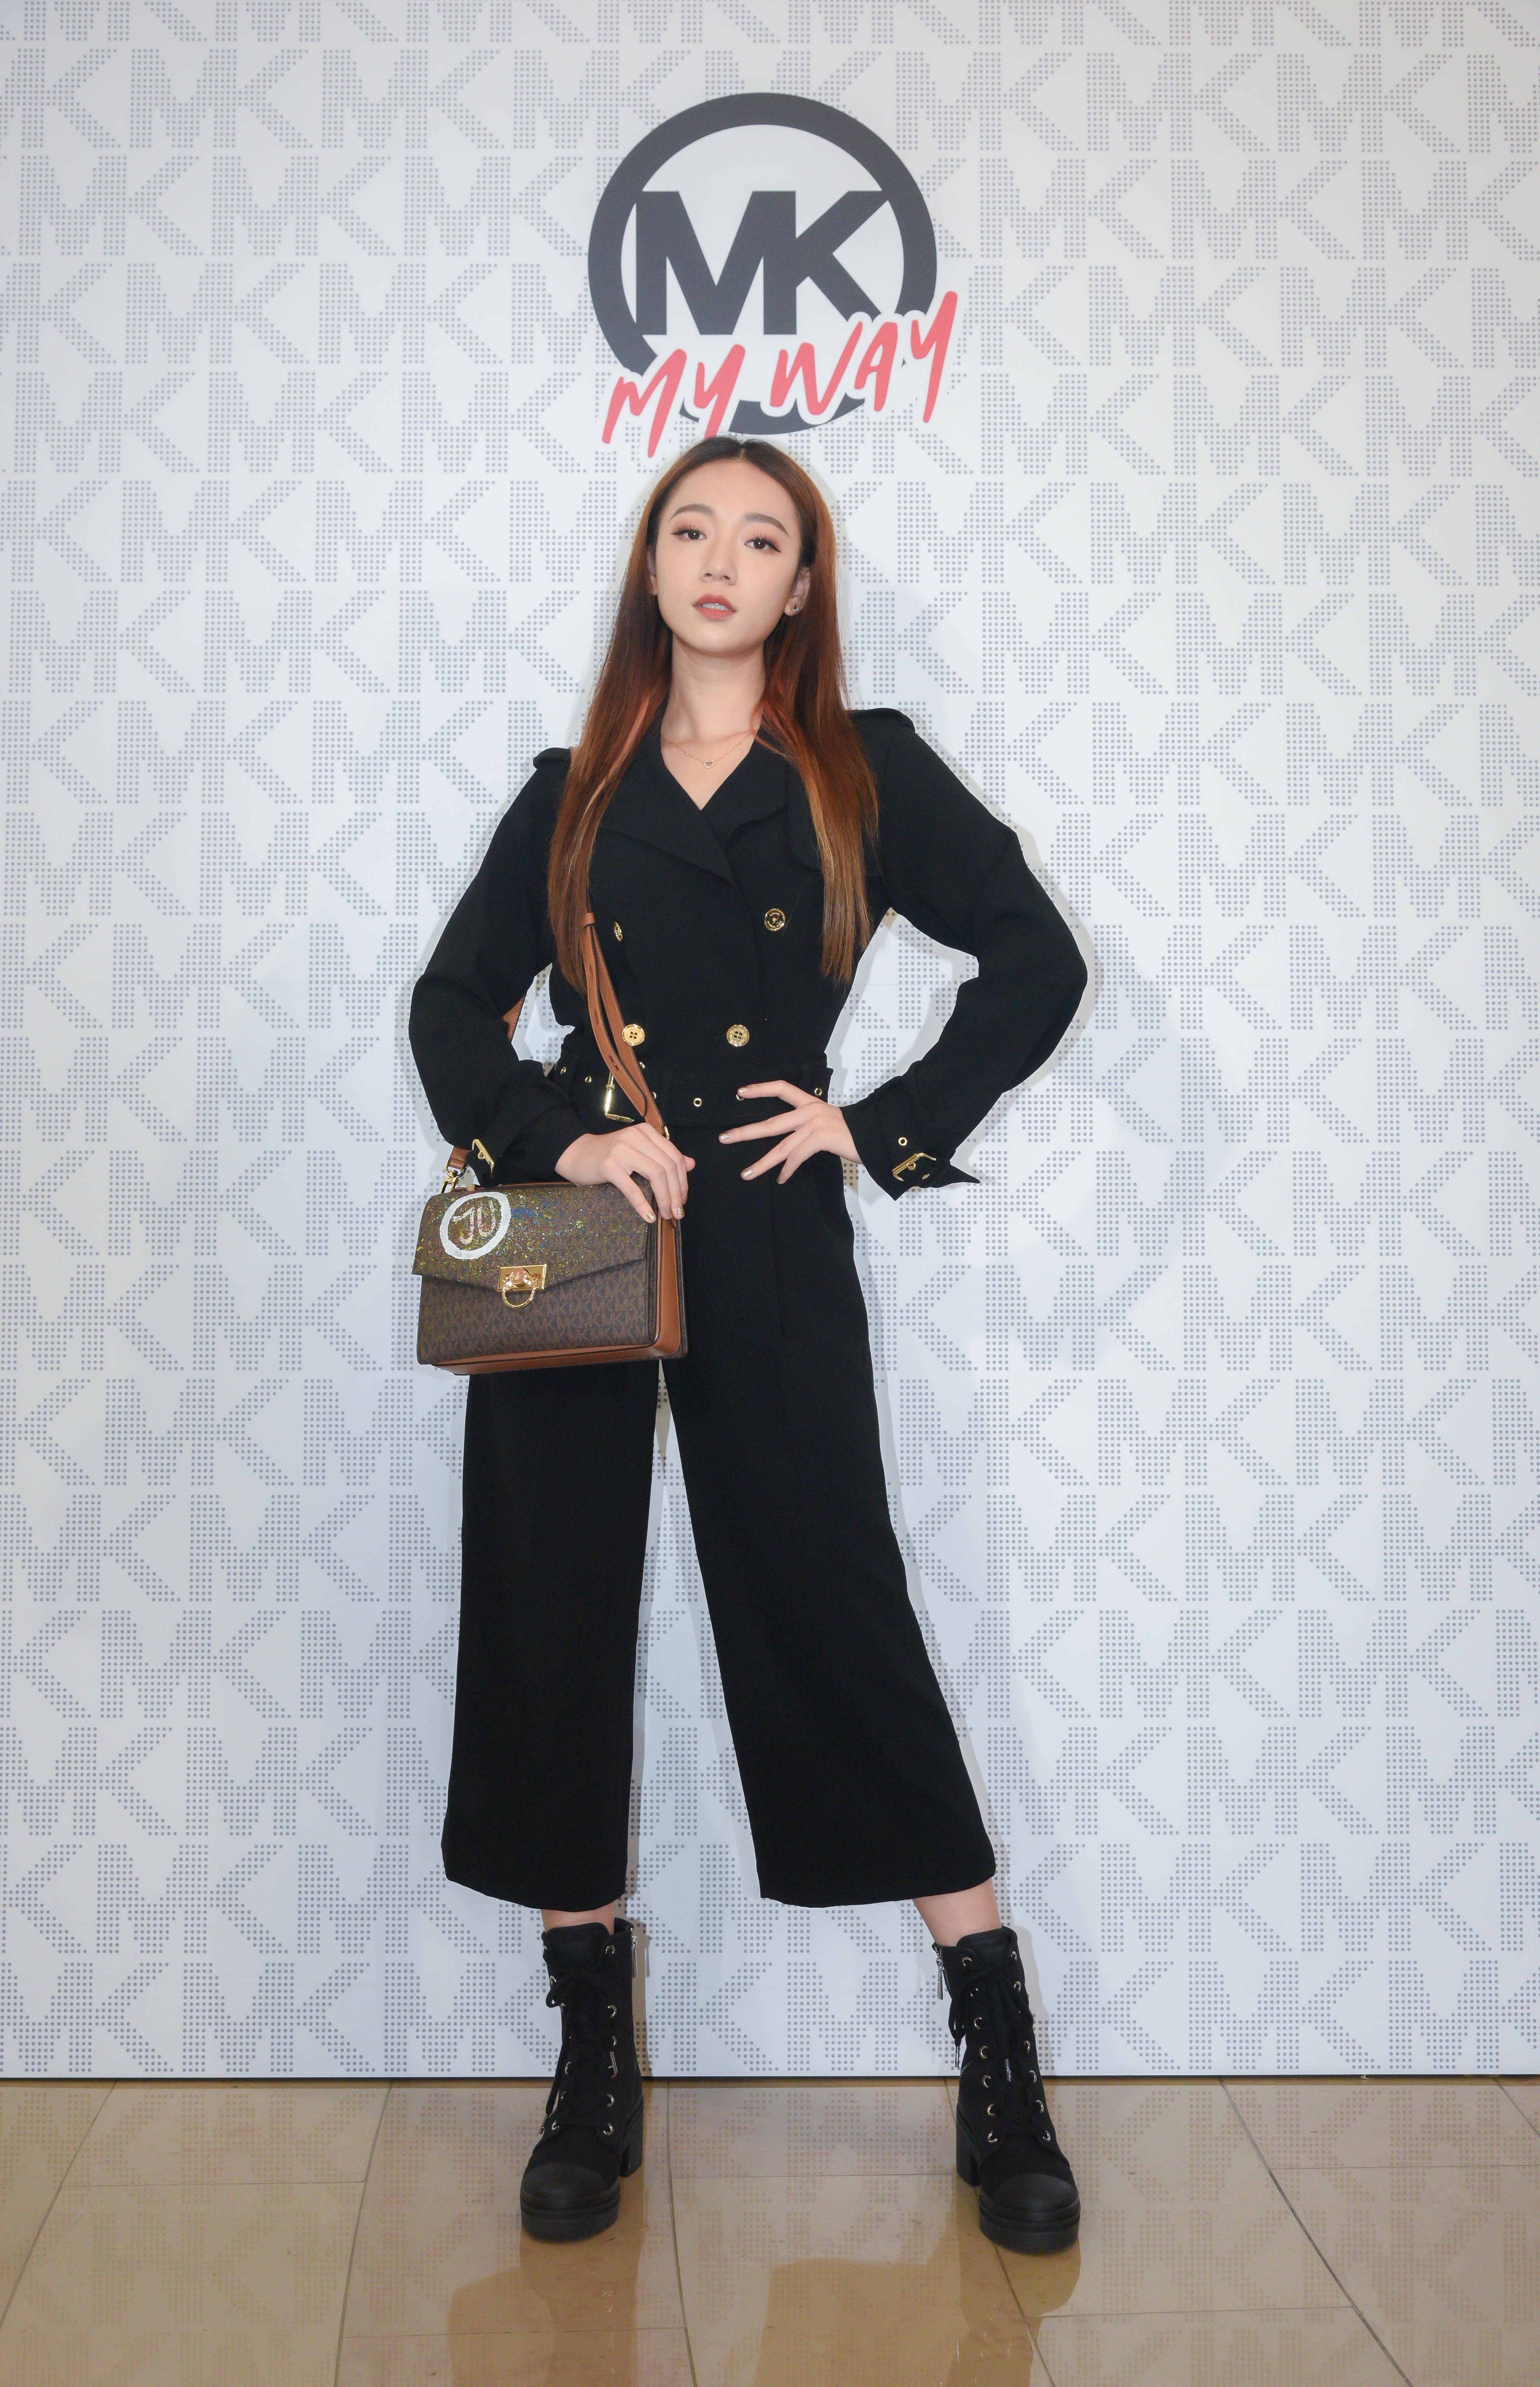 Julia 吳卓源以一襲俐落的黑色西裝式連身褲,輔以個性十足的綁帶軍靴,展現新生代歌手的俐落風格